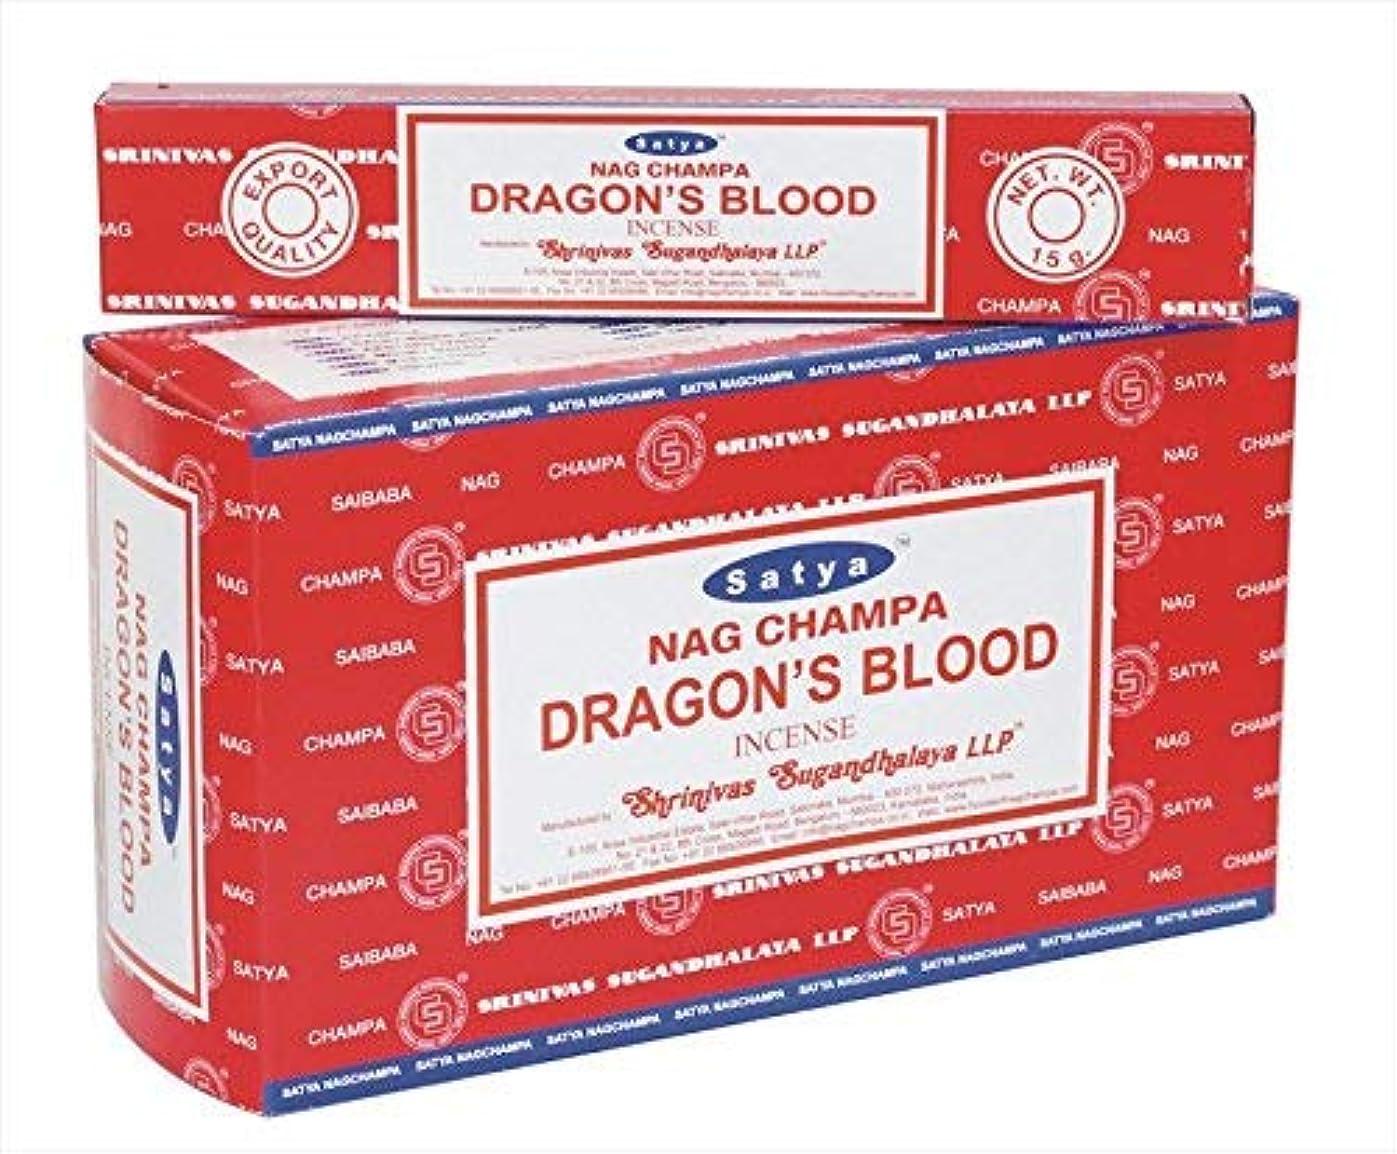 噂被害者重くするSatya Sai Baba Nagchampa Dragon Blood incense sticks Fragrance Agarbatti – パックof 12ボックス( 15各) GM - 180 gm